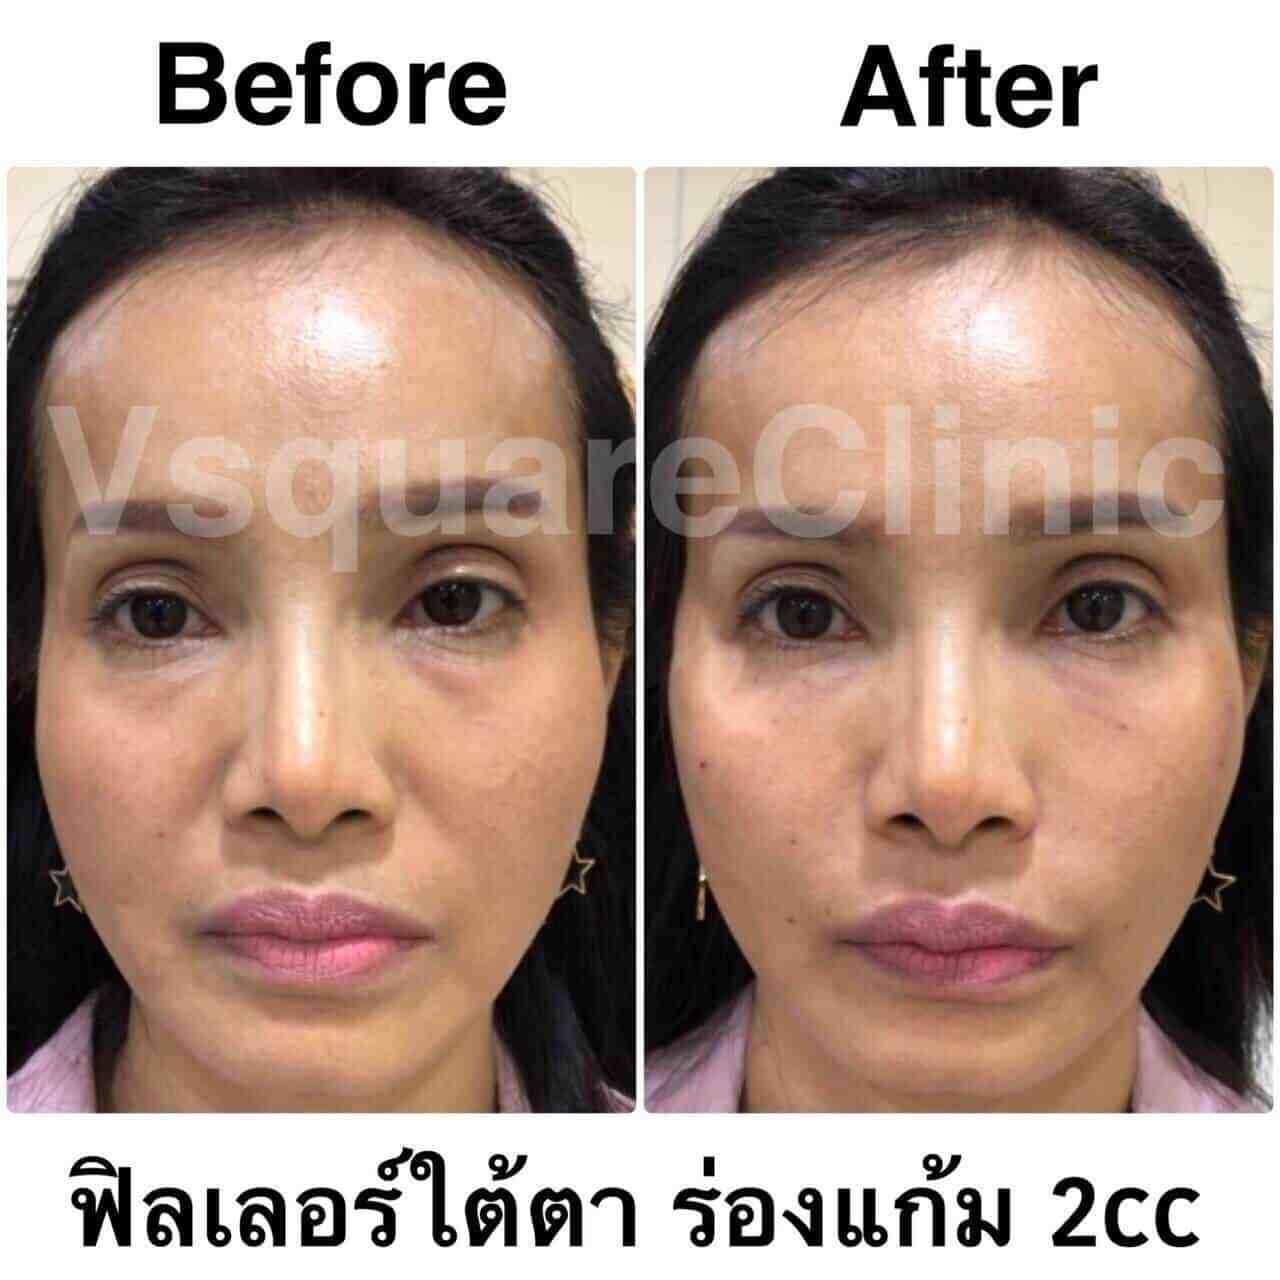 ตัวอย่างรีวิว ผลการรักษาด้วยฟิลเลอร์ยกหน้า ใต้ตา+ร่องแก้ม 2 cc